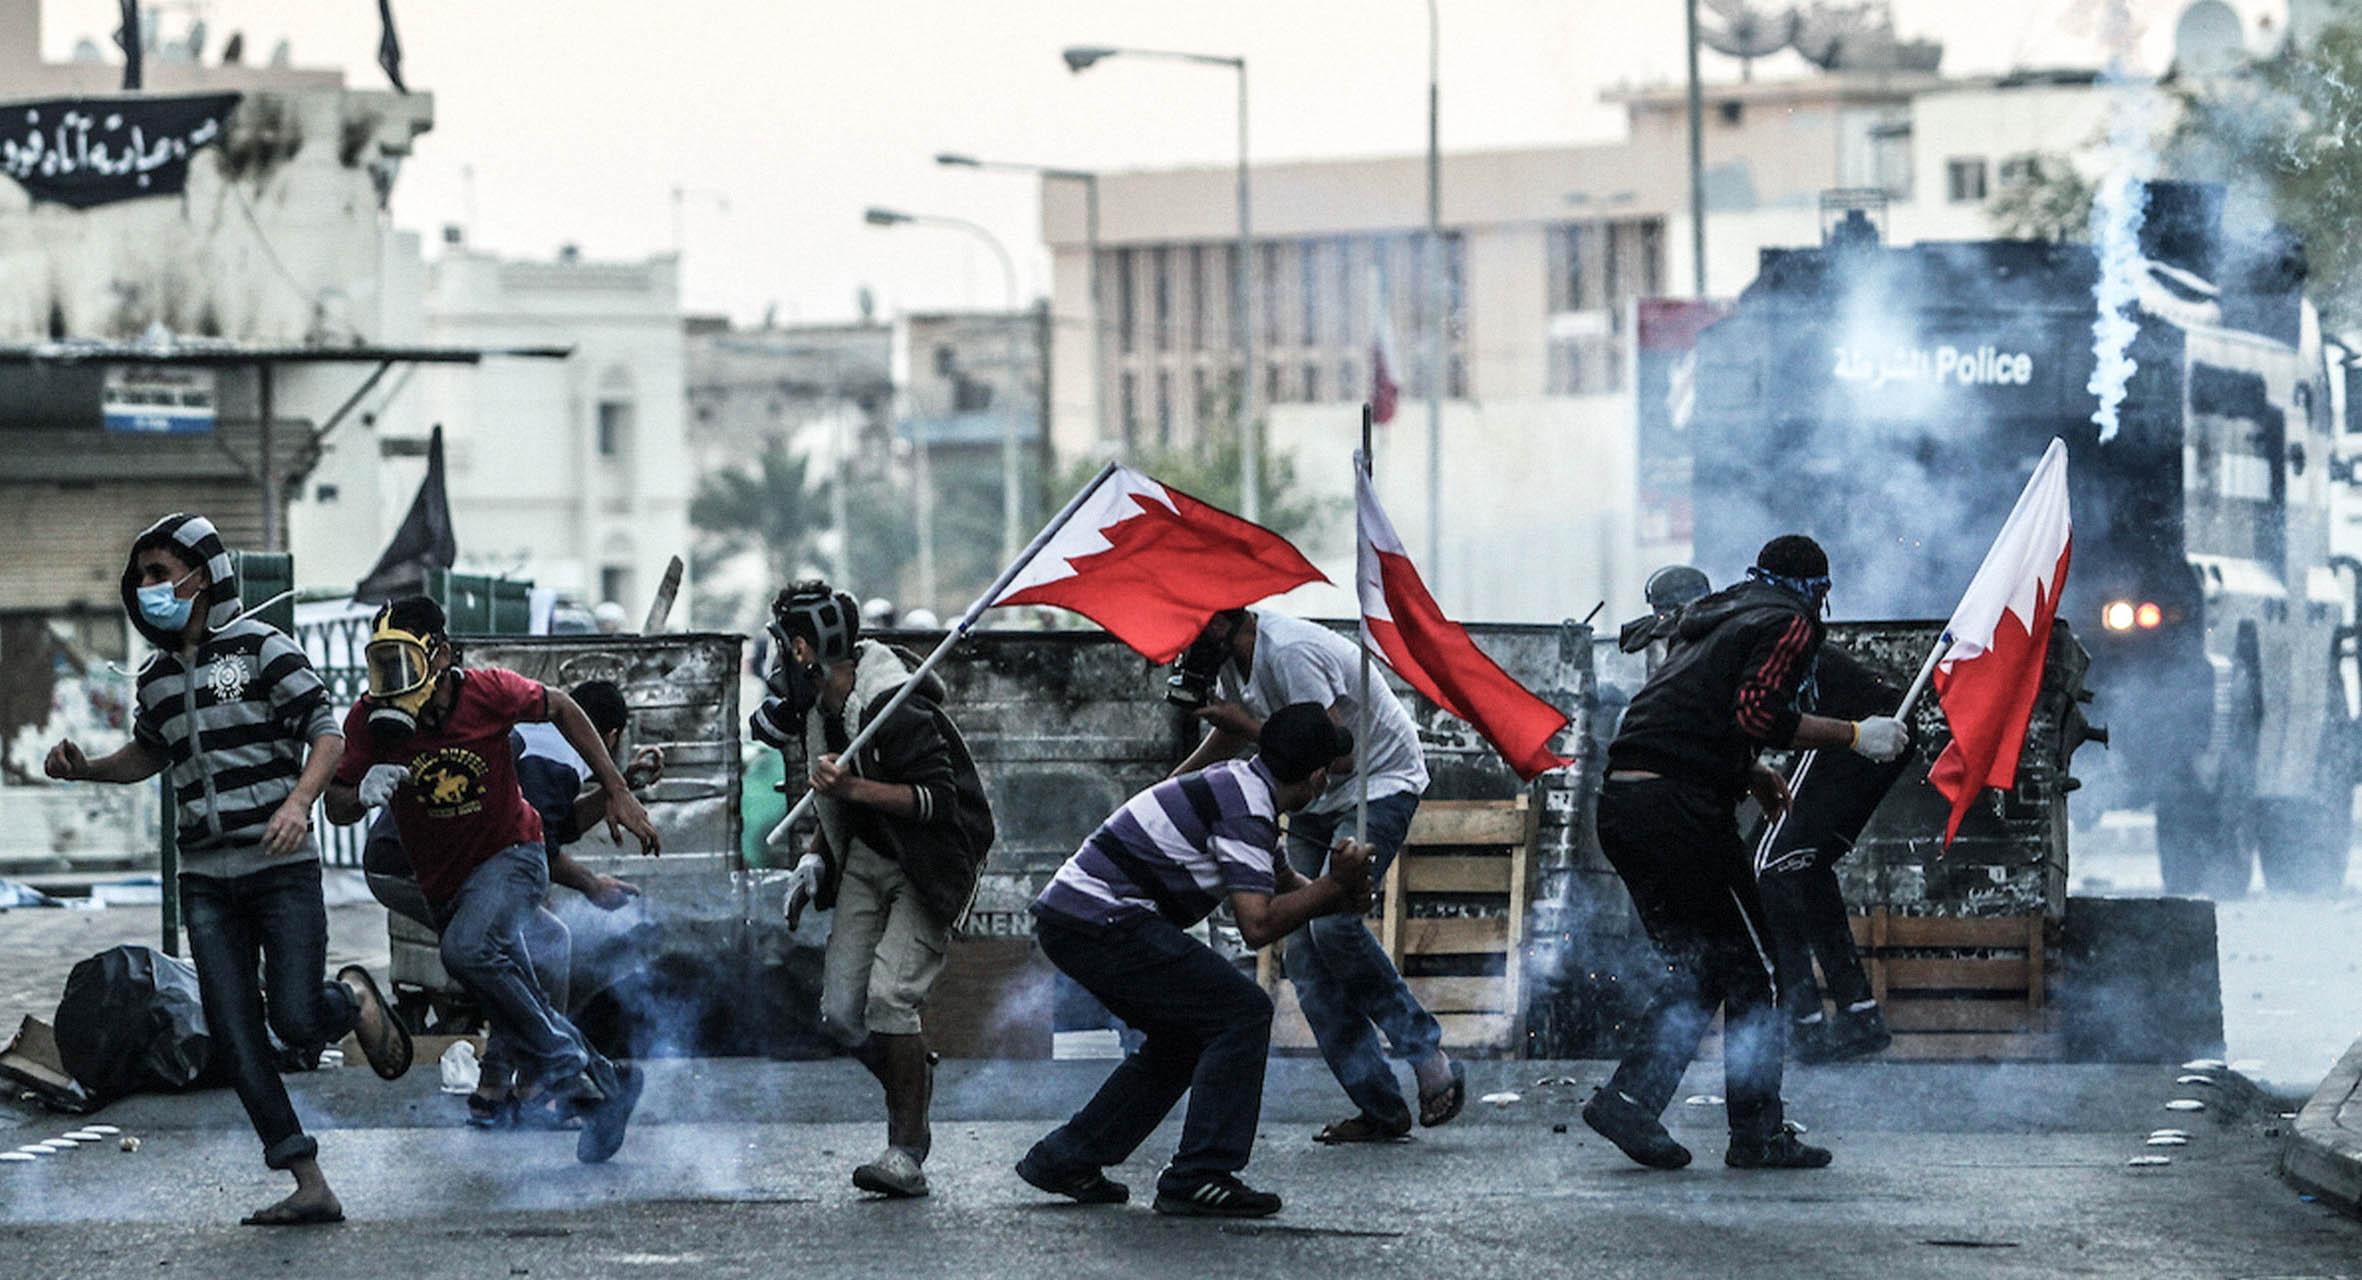 صورة السلطات البحرينية تتمنى لكم عيد حب سعيد كونها المناسبة الوحيدة اليوم